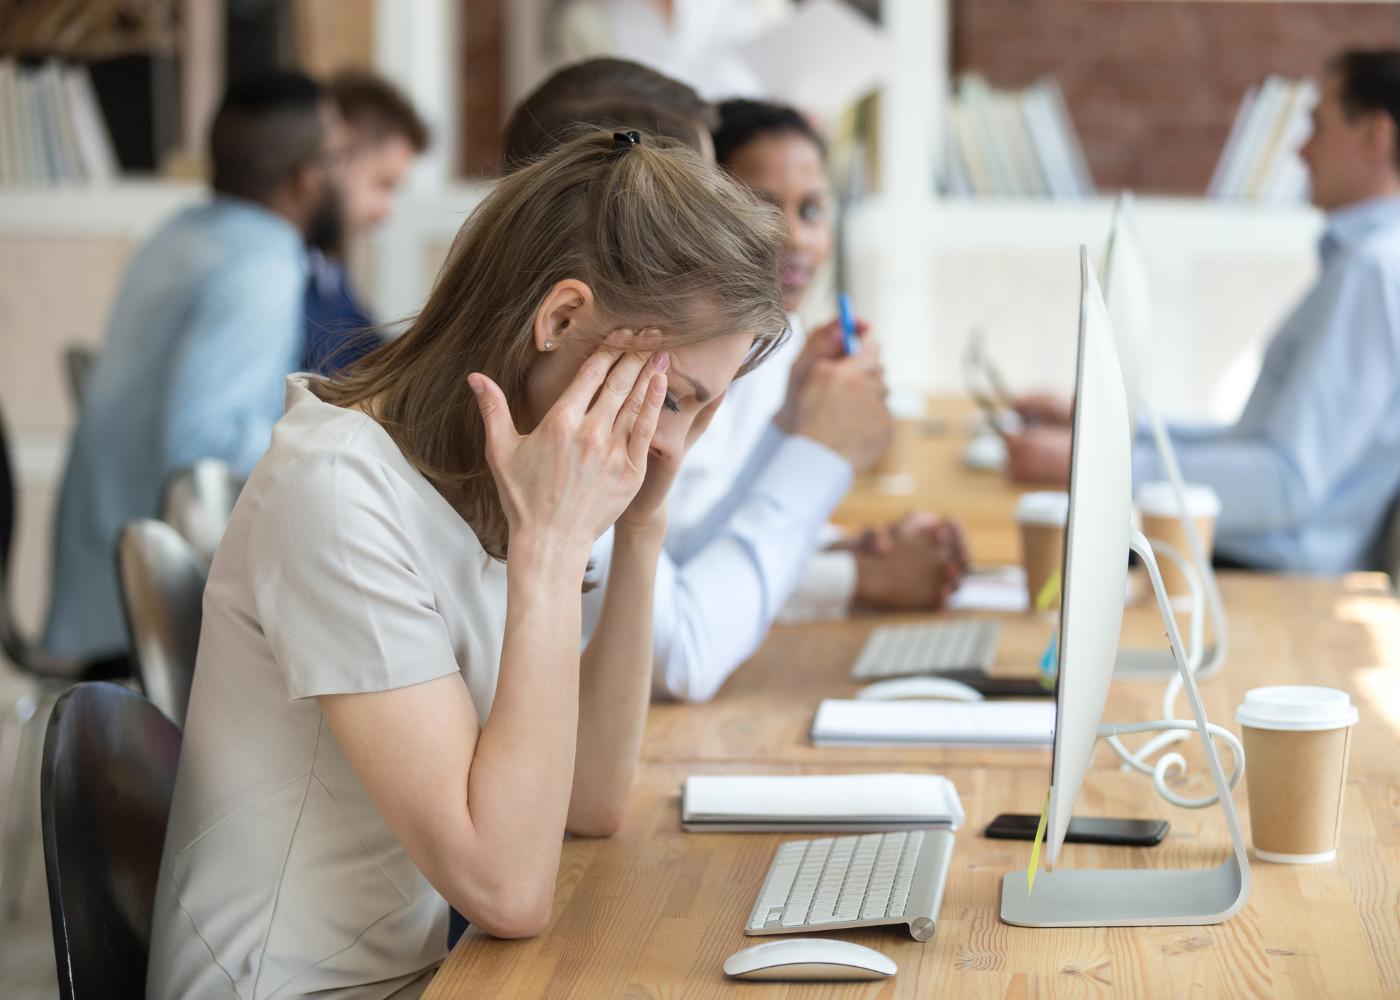 lidar com o stress mulher em stress